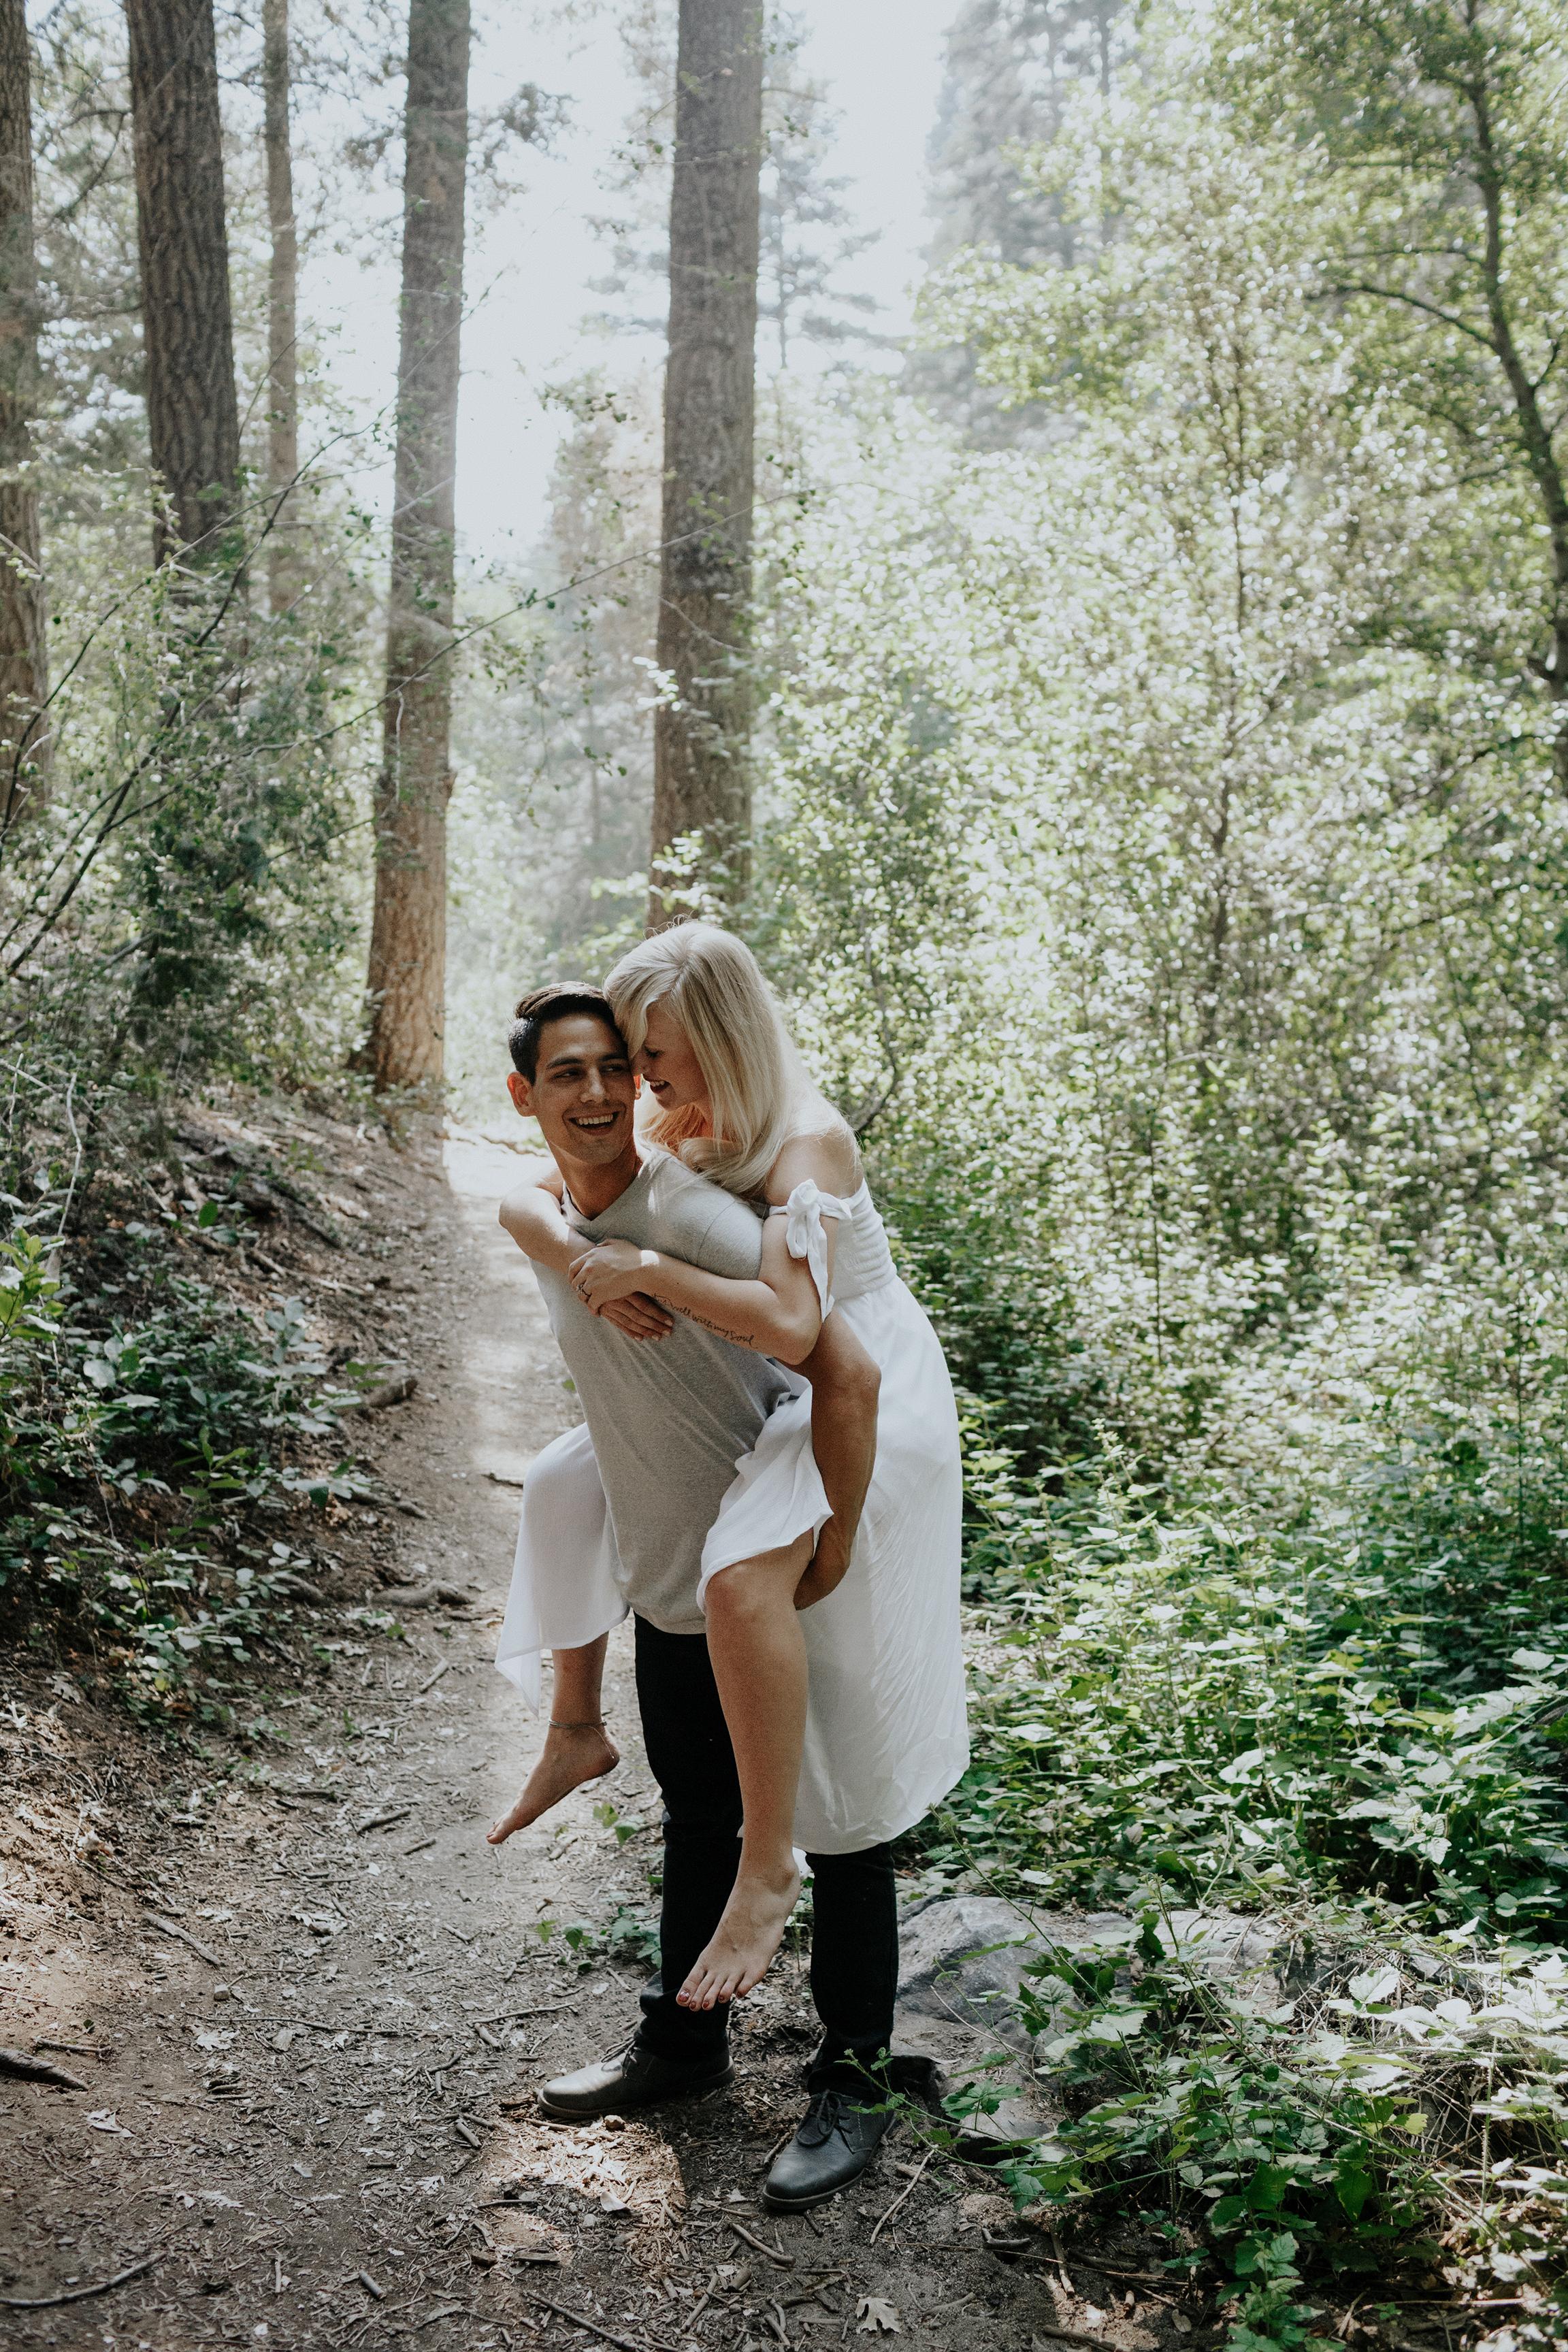 Jul.-Melissa+Jacob-218.jpg